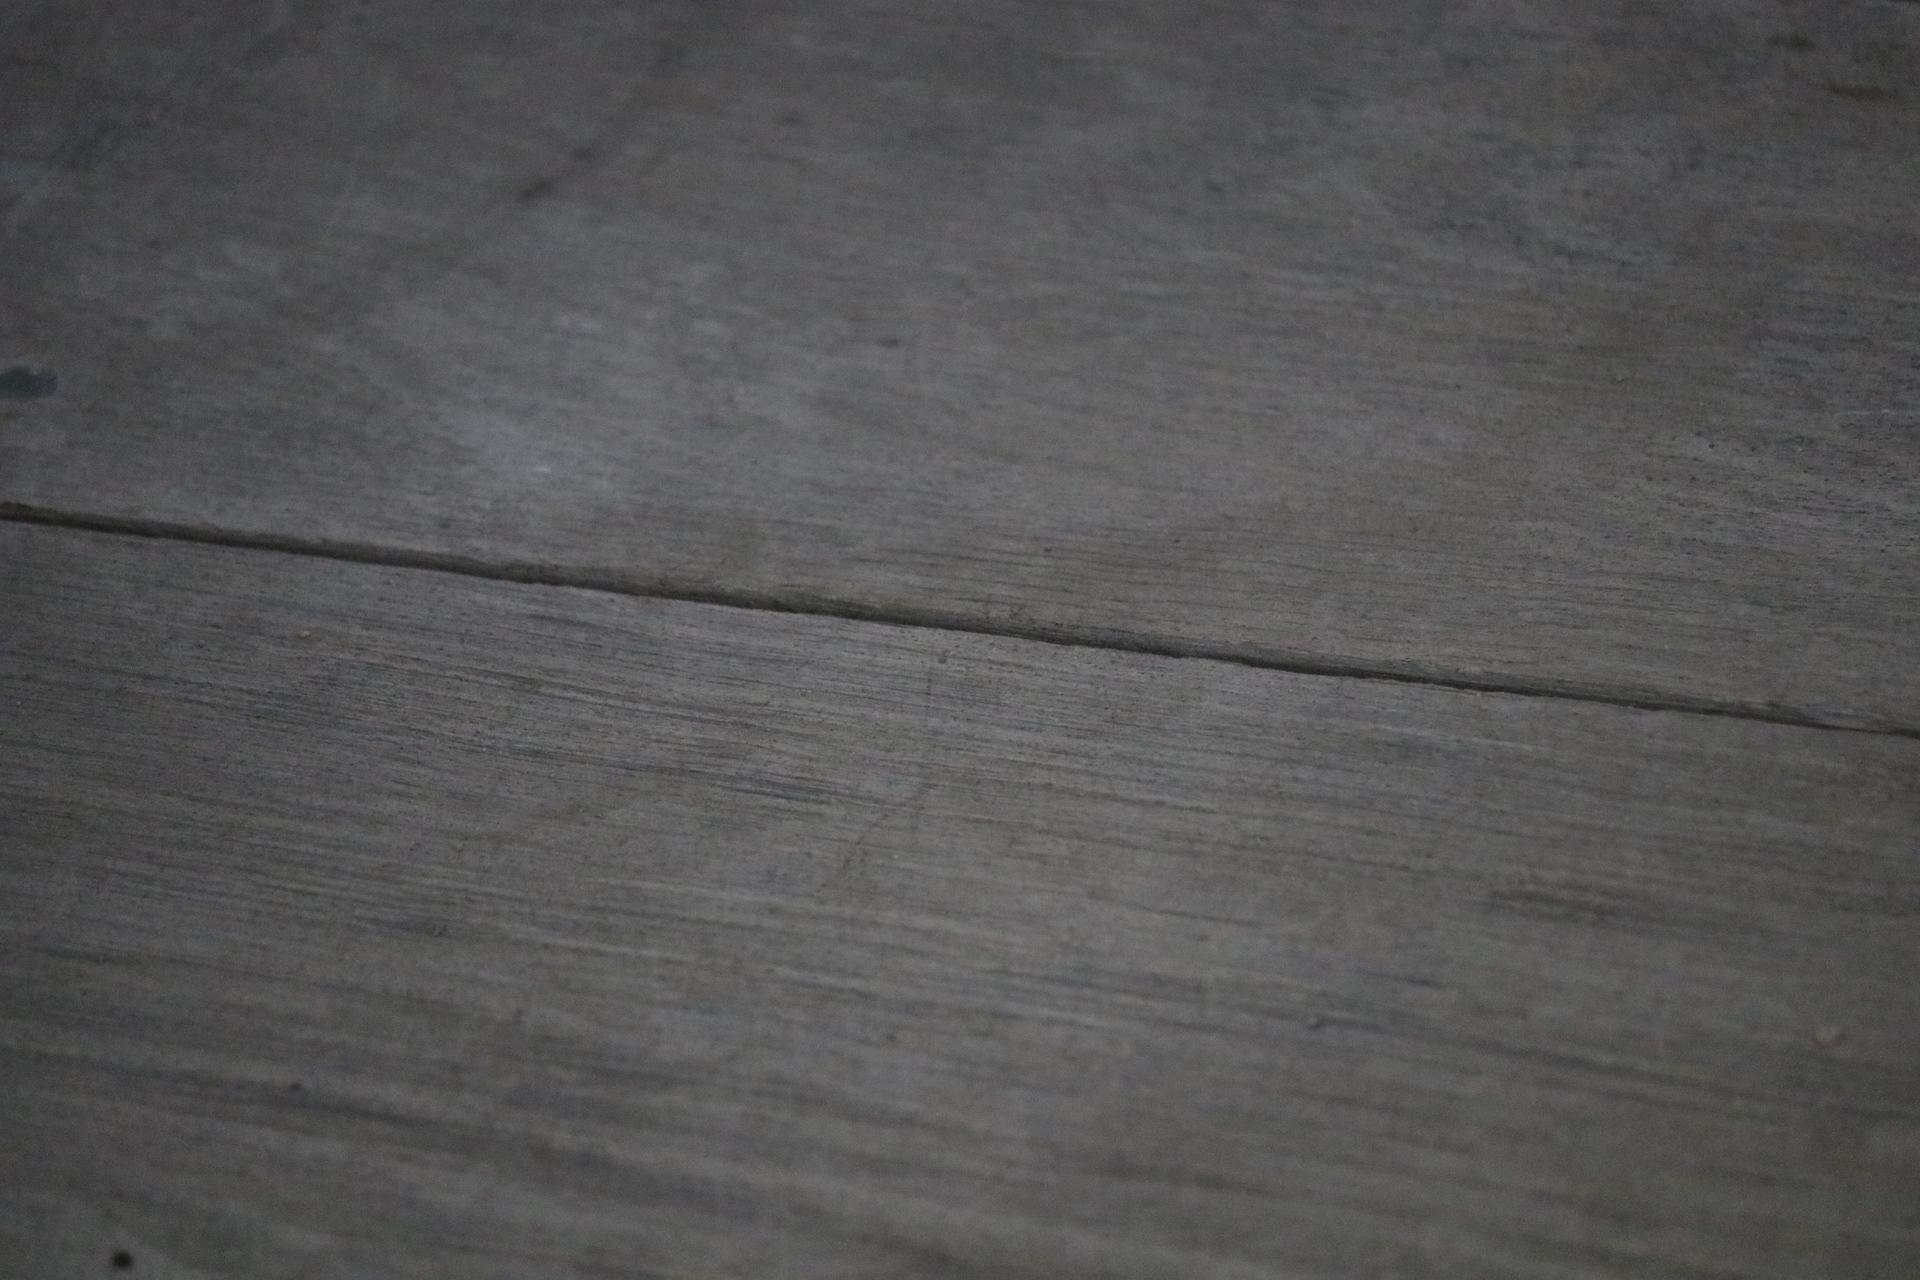 Gratis stockfoto van hout houten planken houten vloer